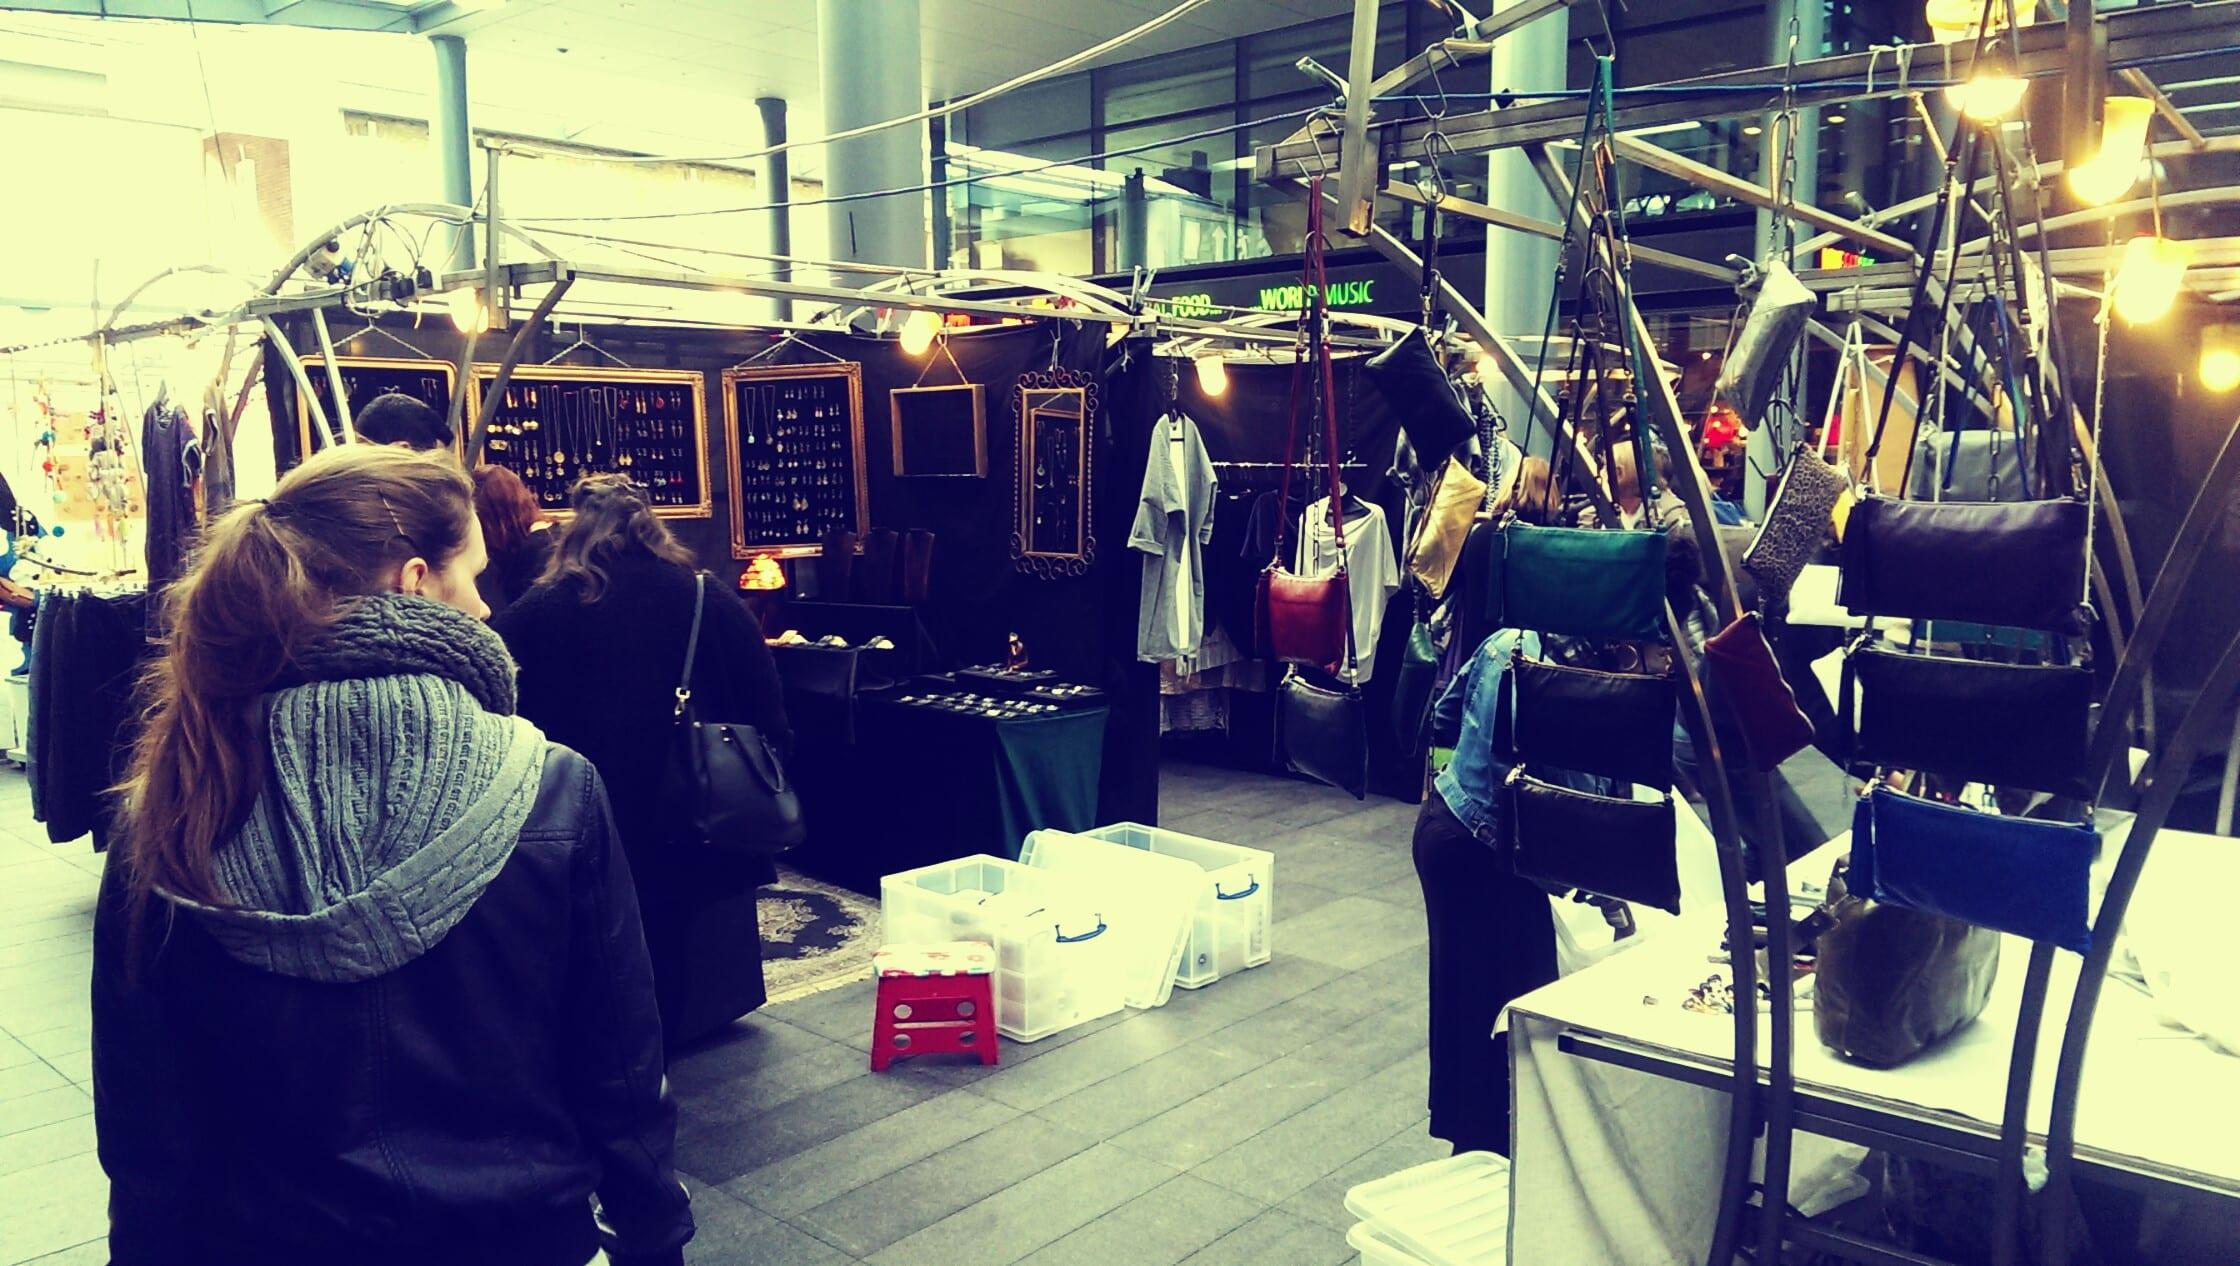 Neben Klamotten bietet der Old Spitalfields Market auch vieles mehr